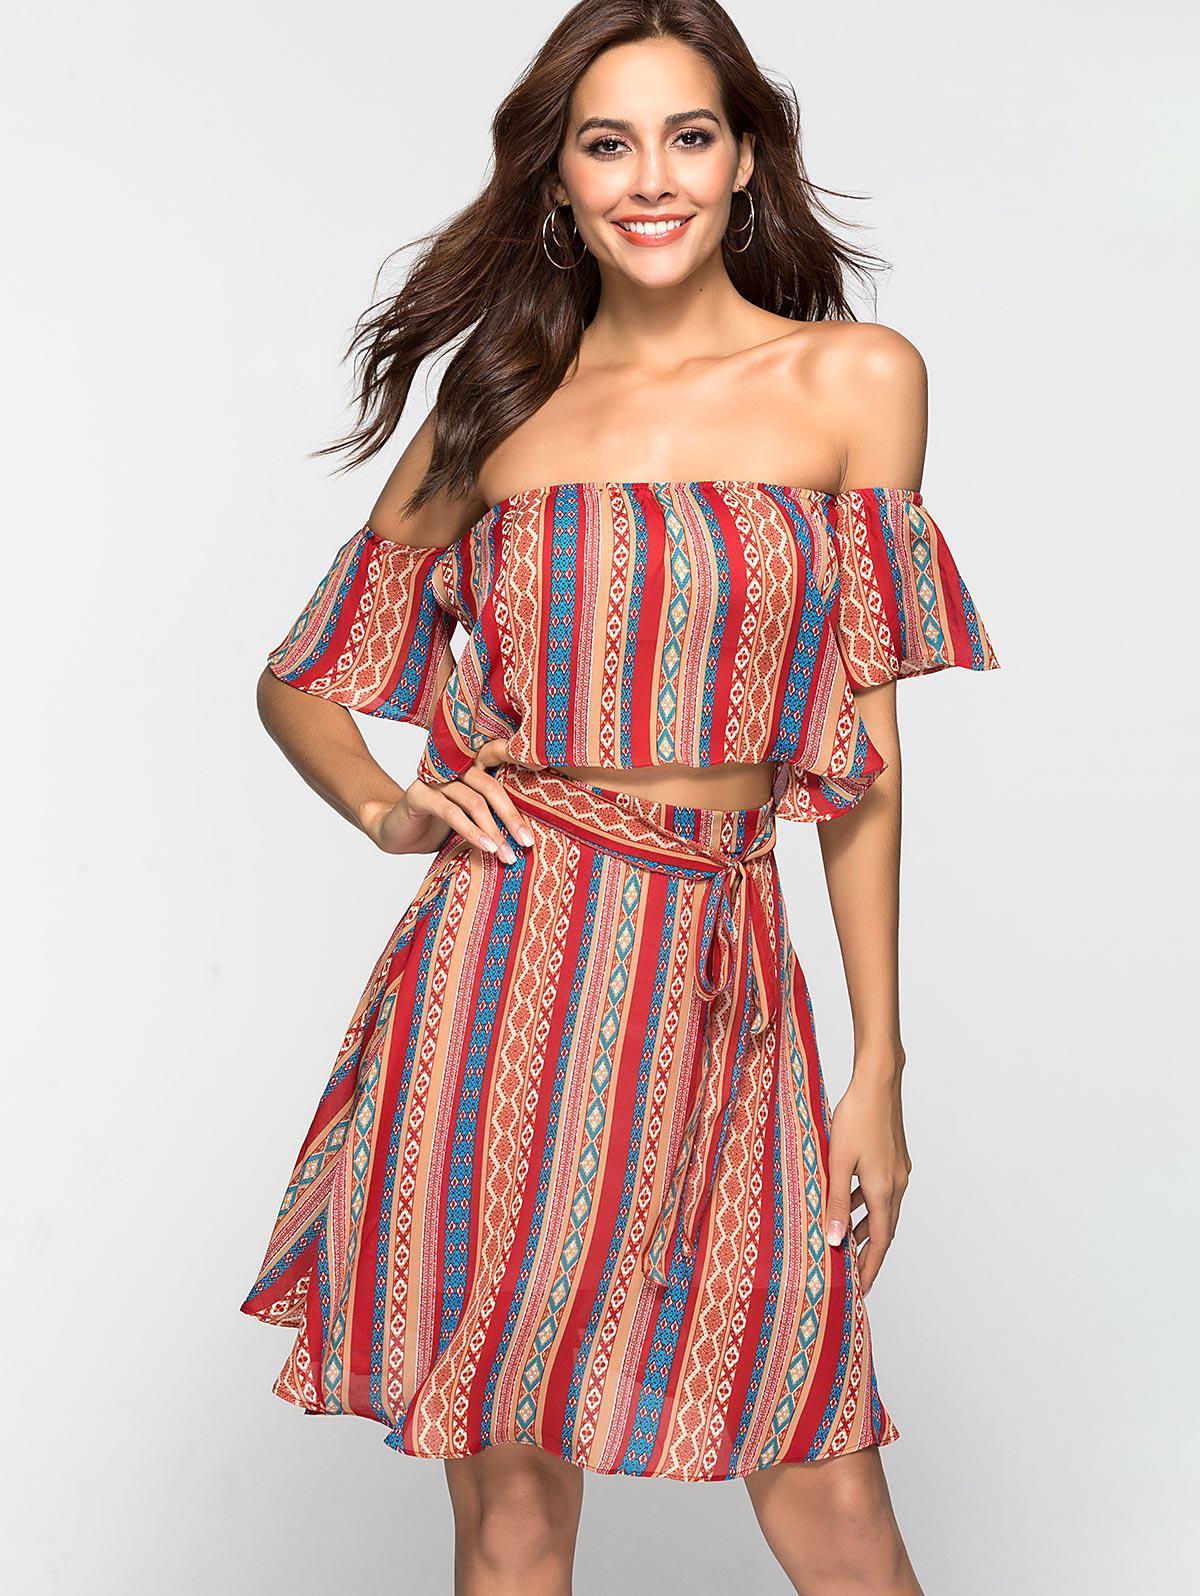 Tribal Print Chiffon Two Piece Dress Matching Set 271178604